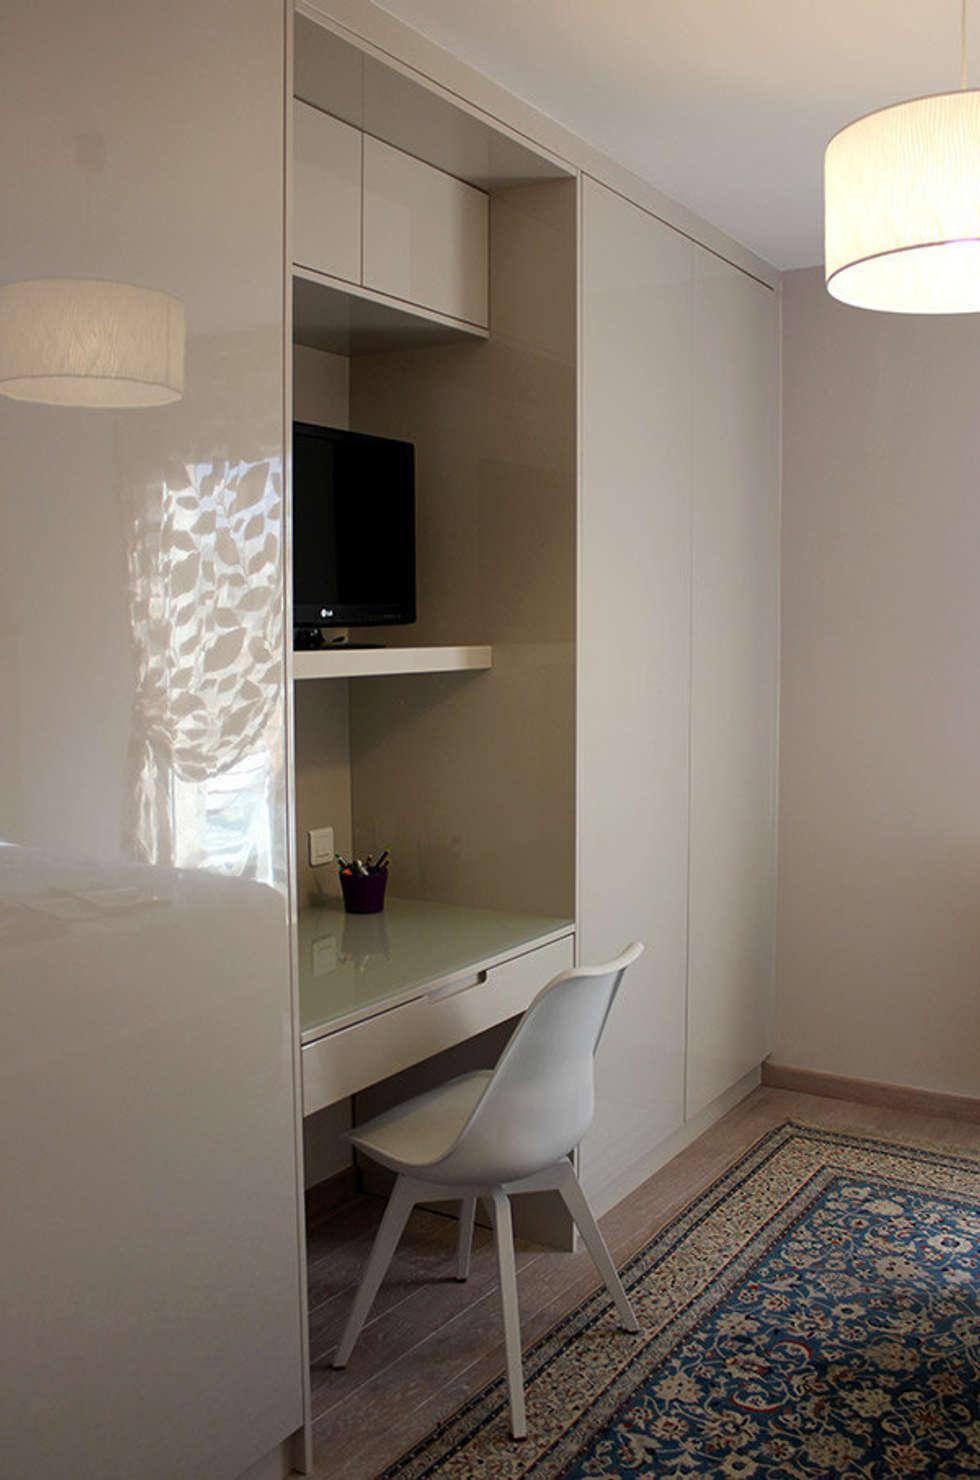 SUIT PARENTAL chambre + salle de bain: Chambre de style de style Moderne par monicacordova